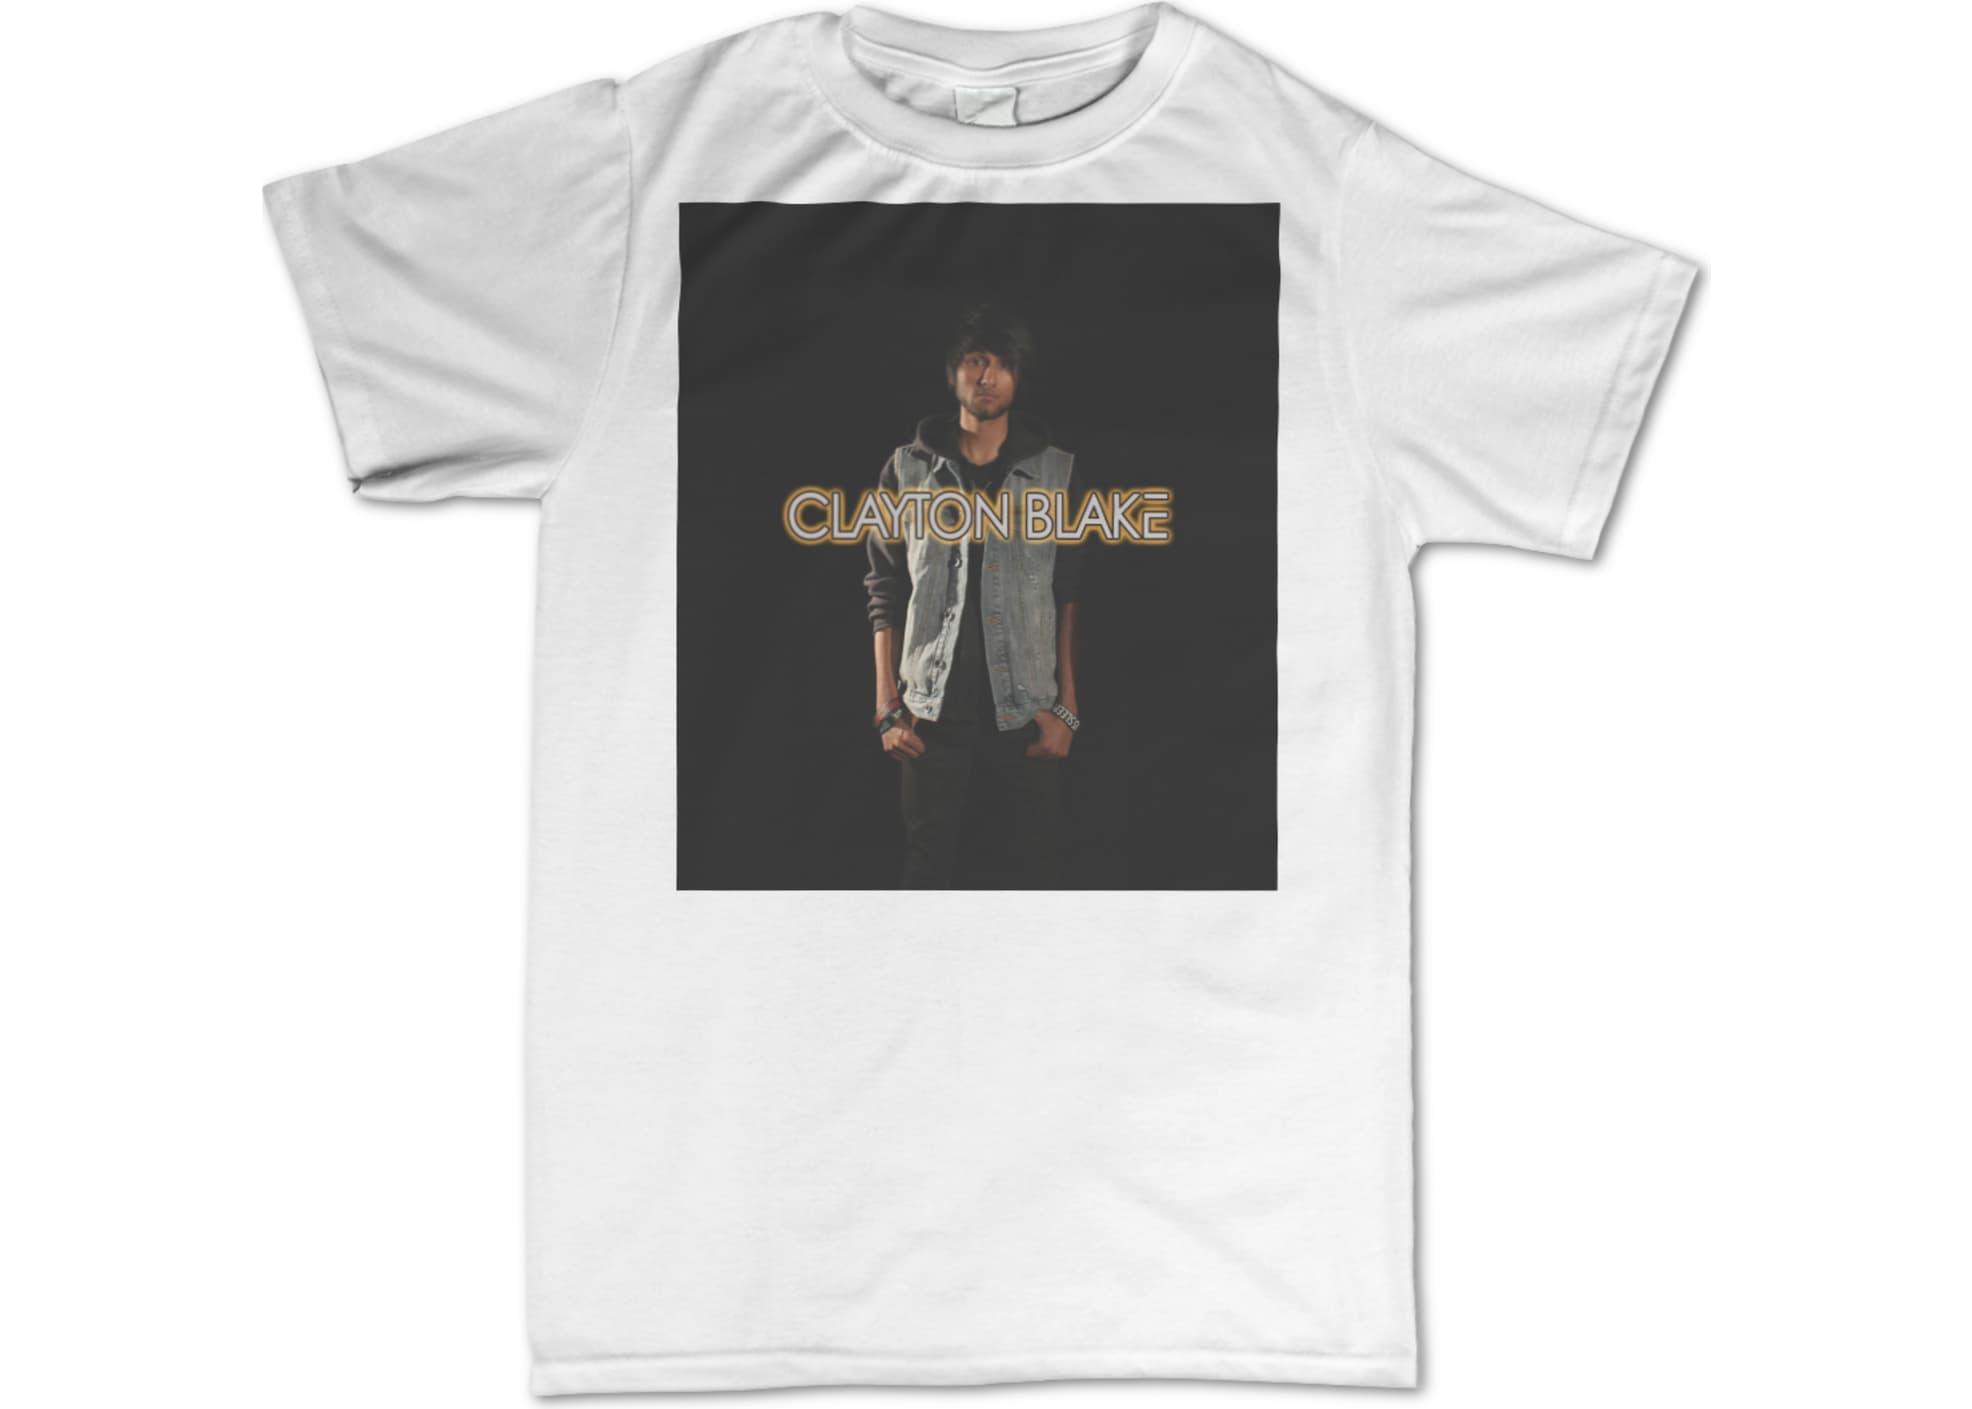 Clayton blake clayton blake 1 1495393836